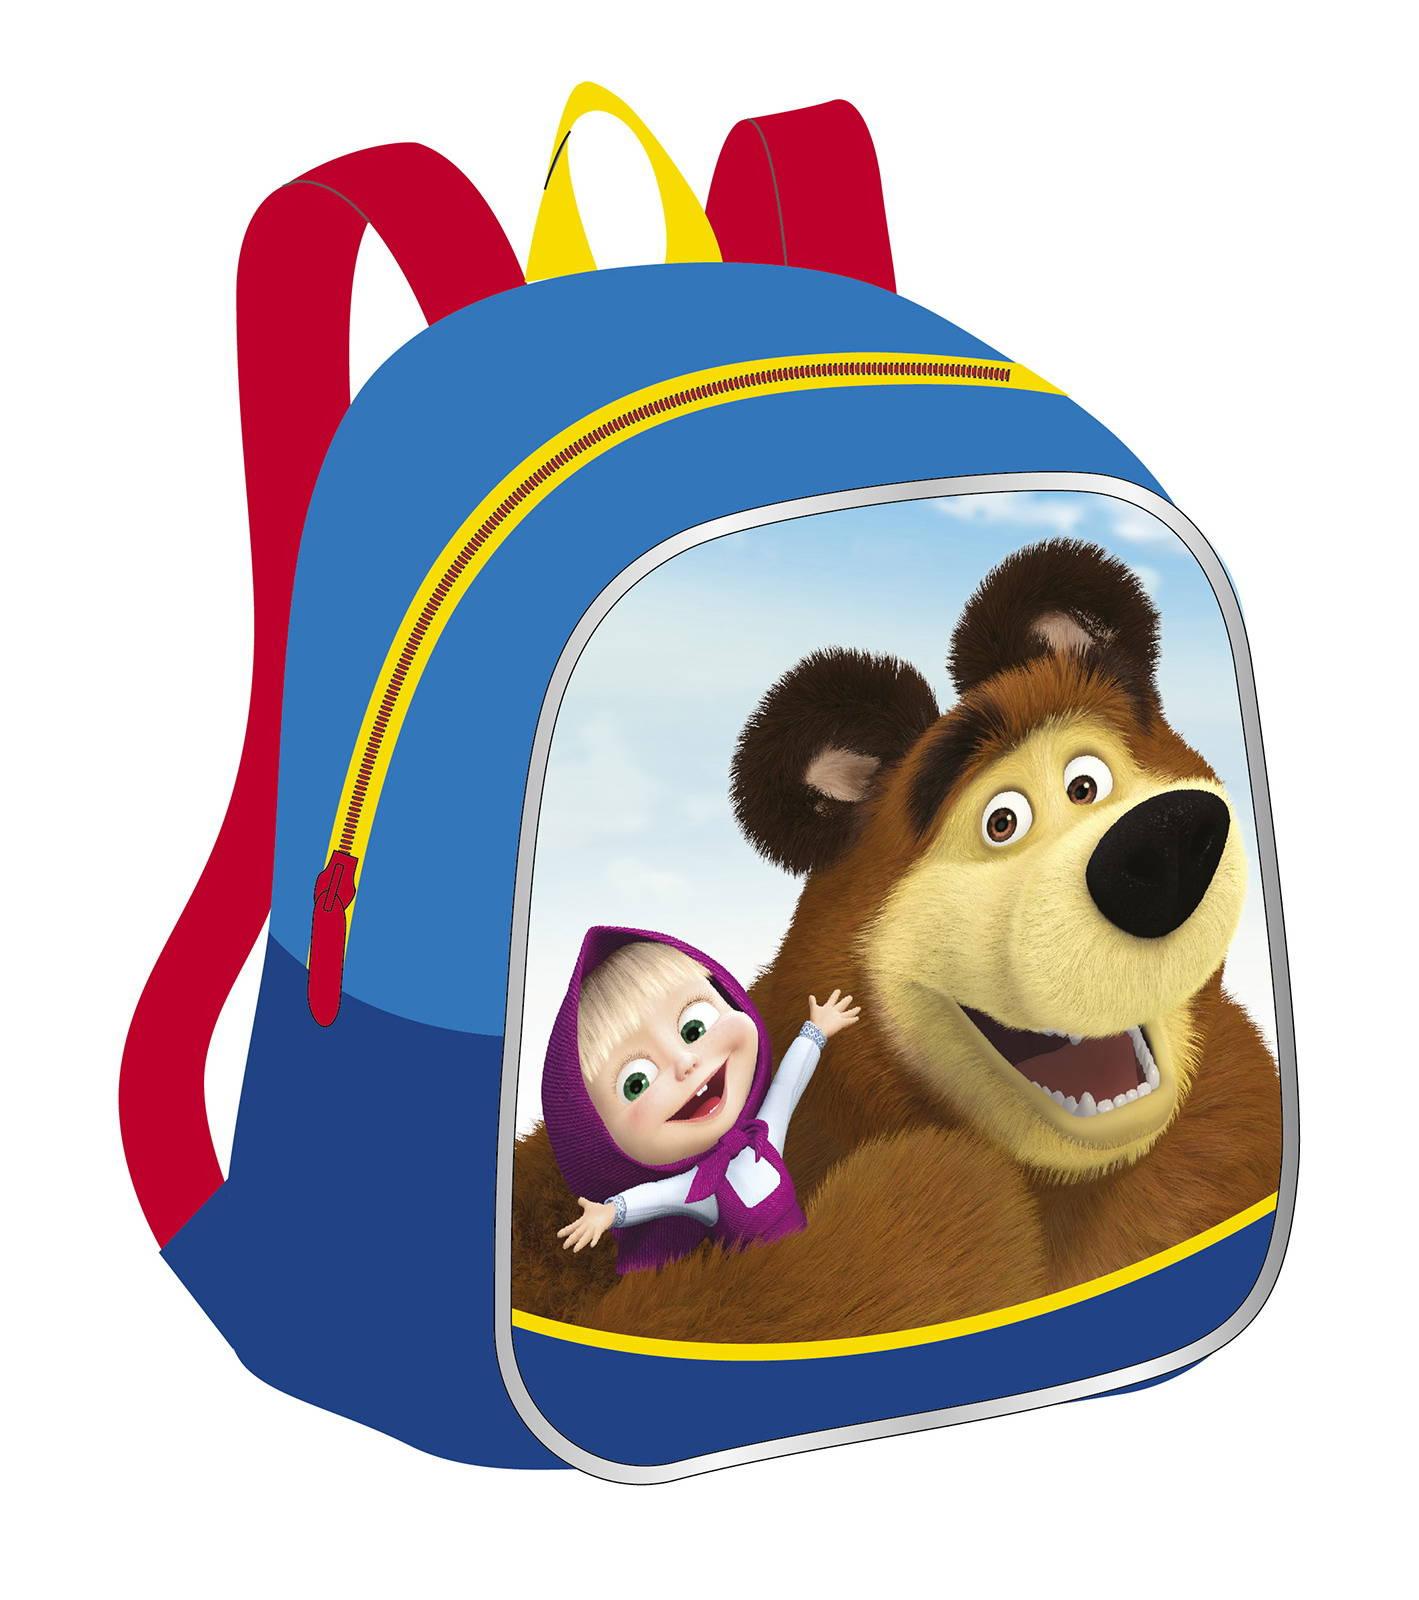 Рюкзачок малый Маша и Медведь  Мишка - Детские рюкзаки, артикул: 165764